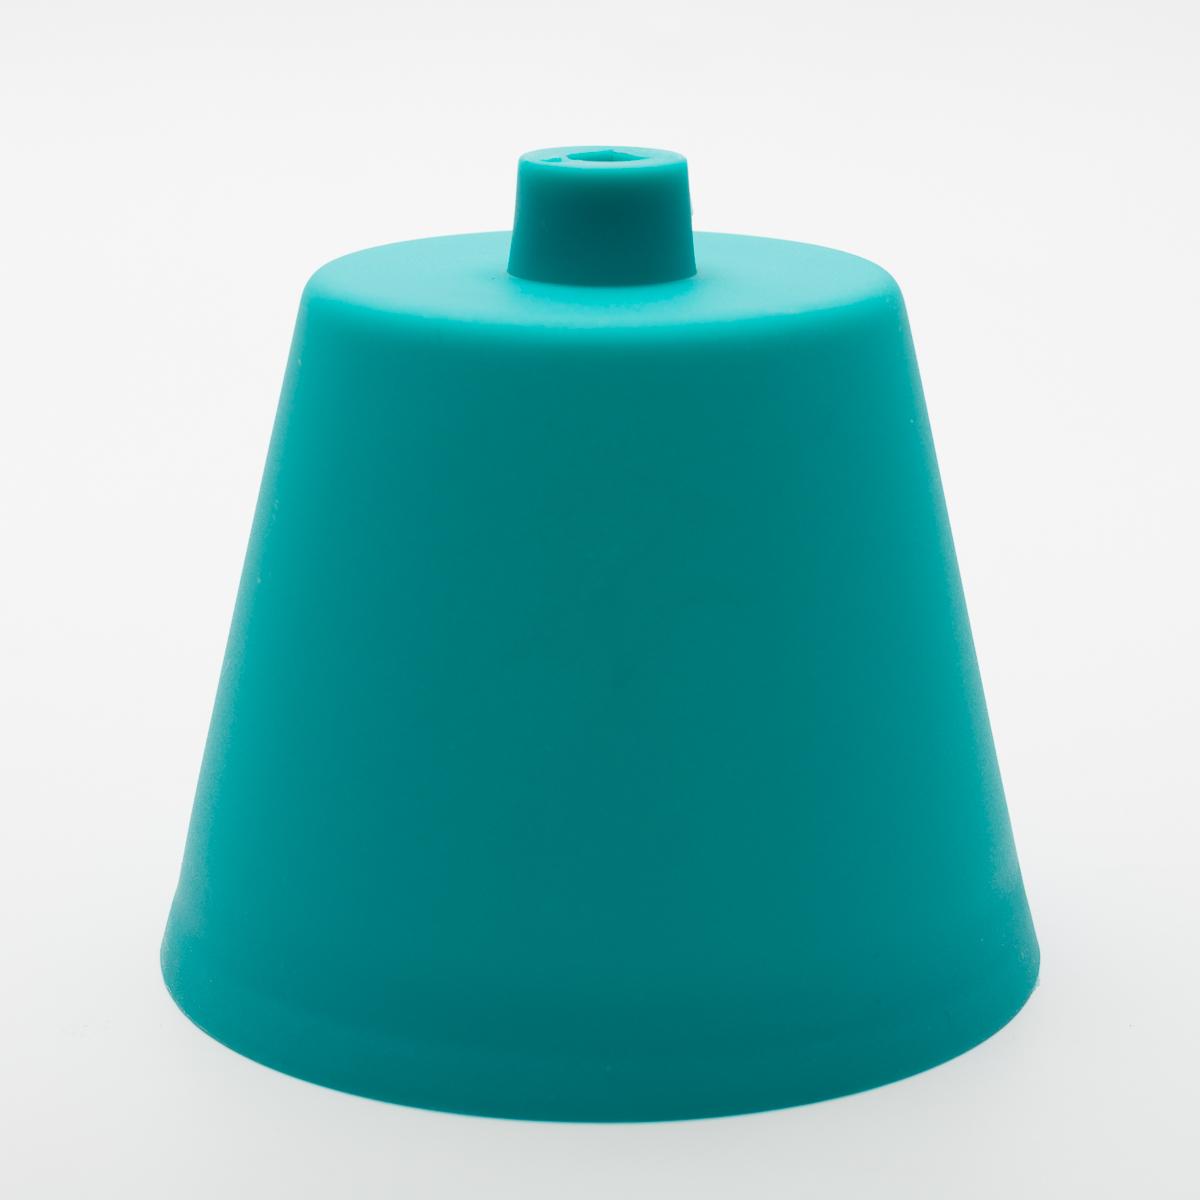 Потолочный крепеж пластиковый бирюзовый